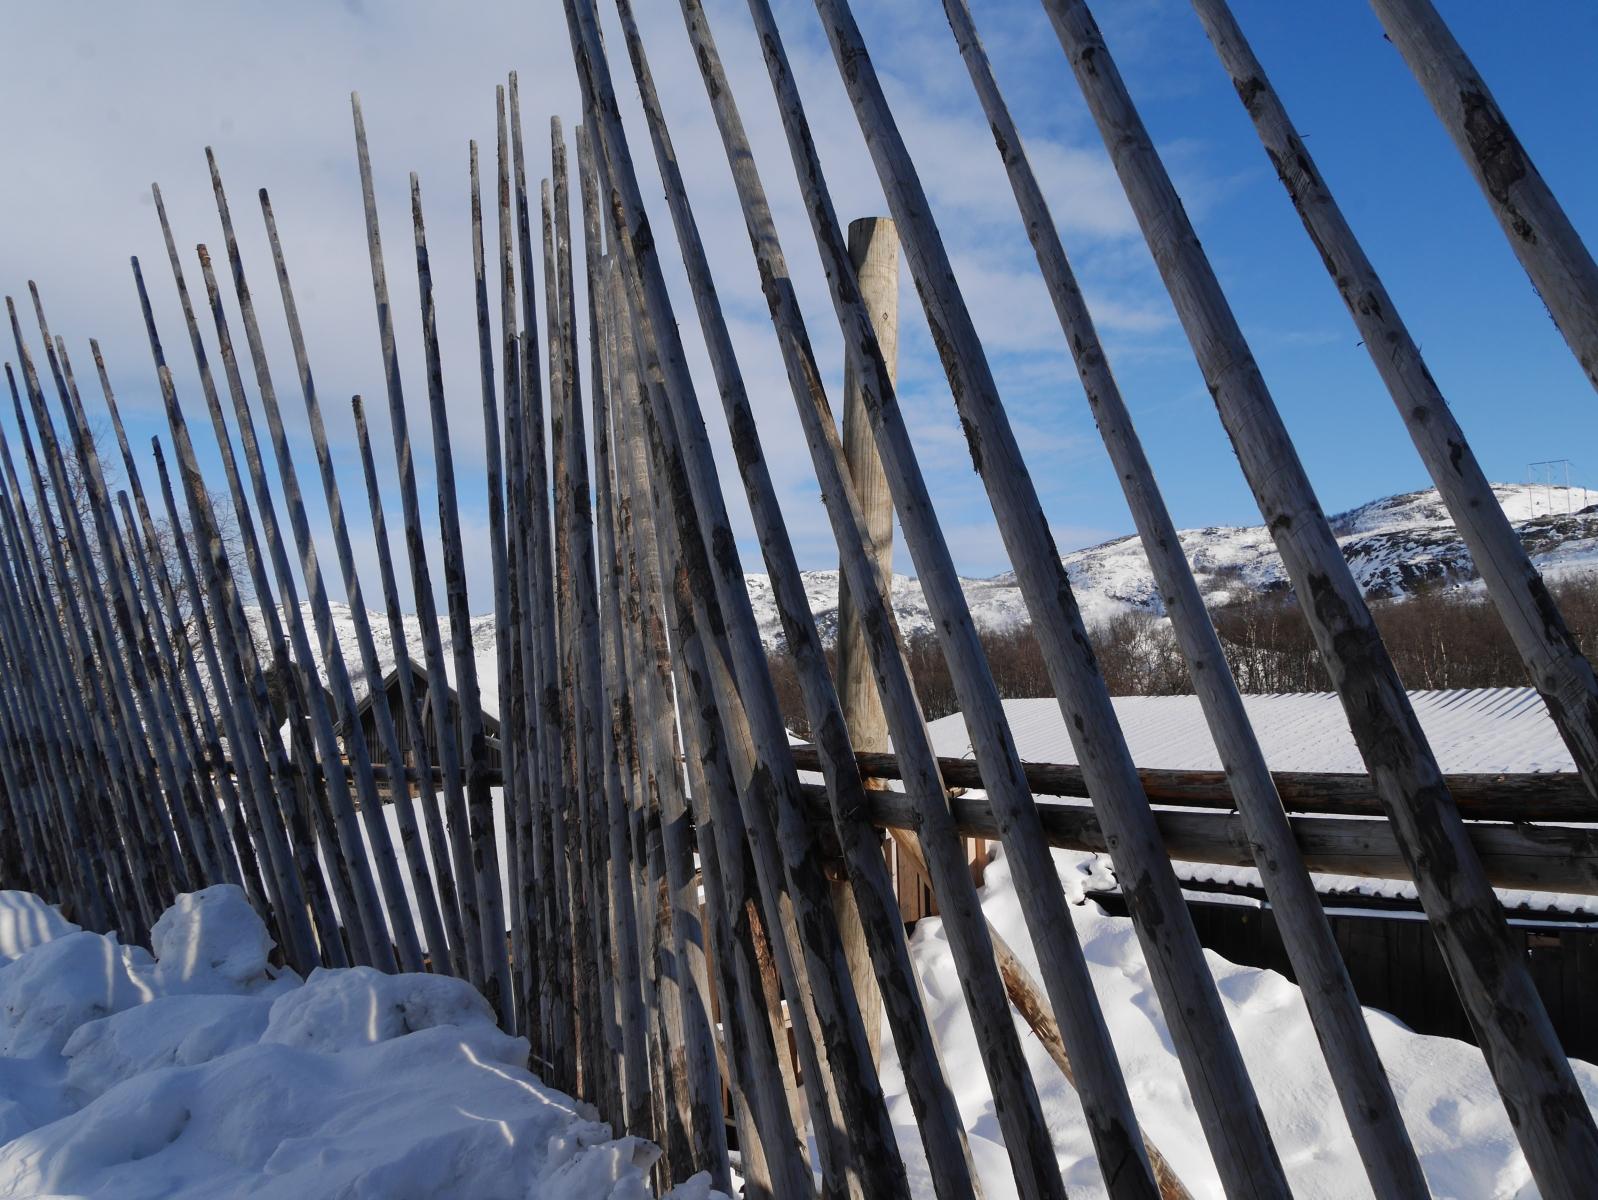 Hohe Latten sichern das Gelände einerseits als Zaun, andererseits als Schutz gegen Schneeverwehungen